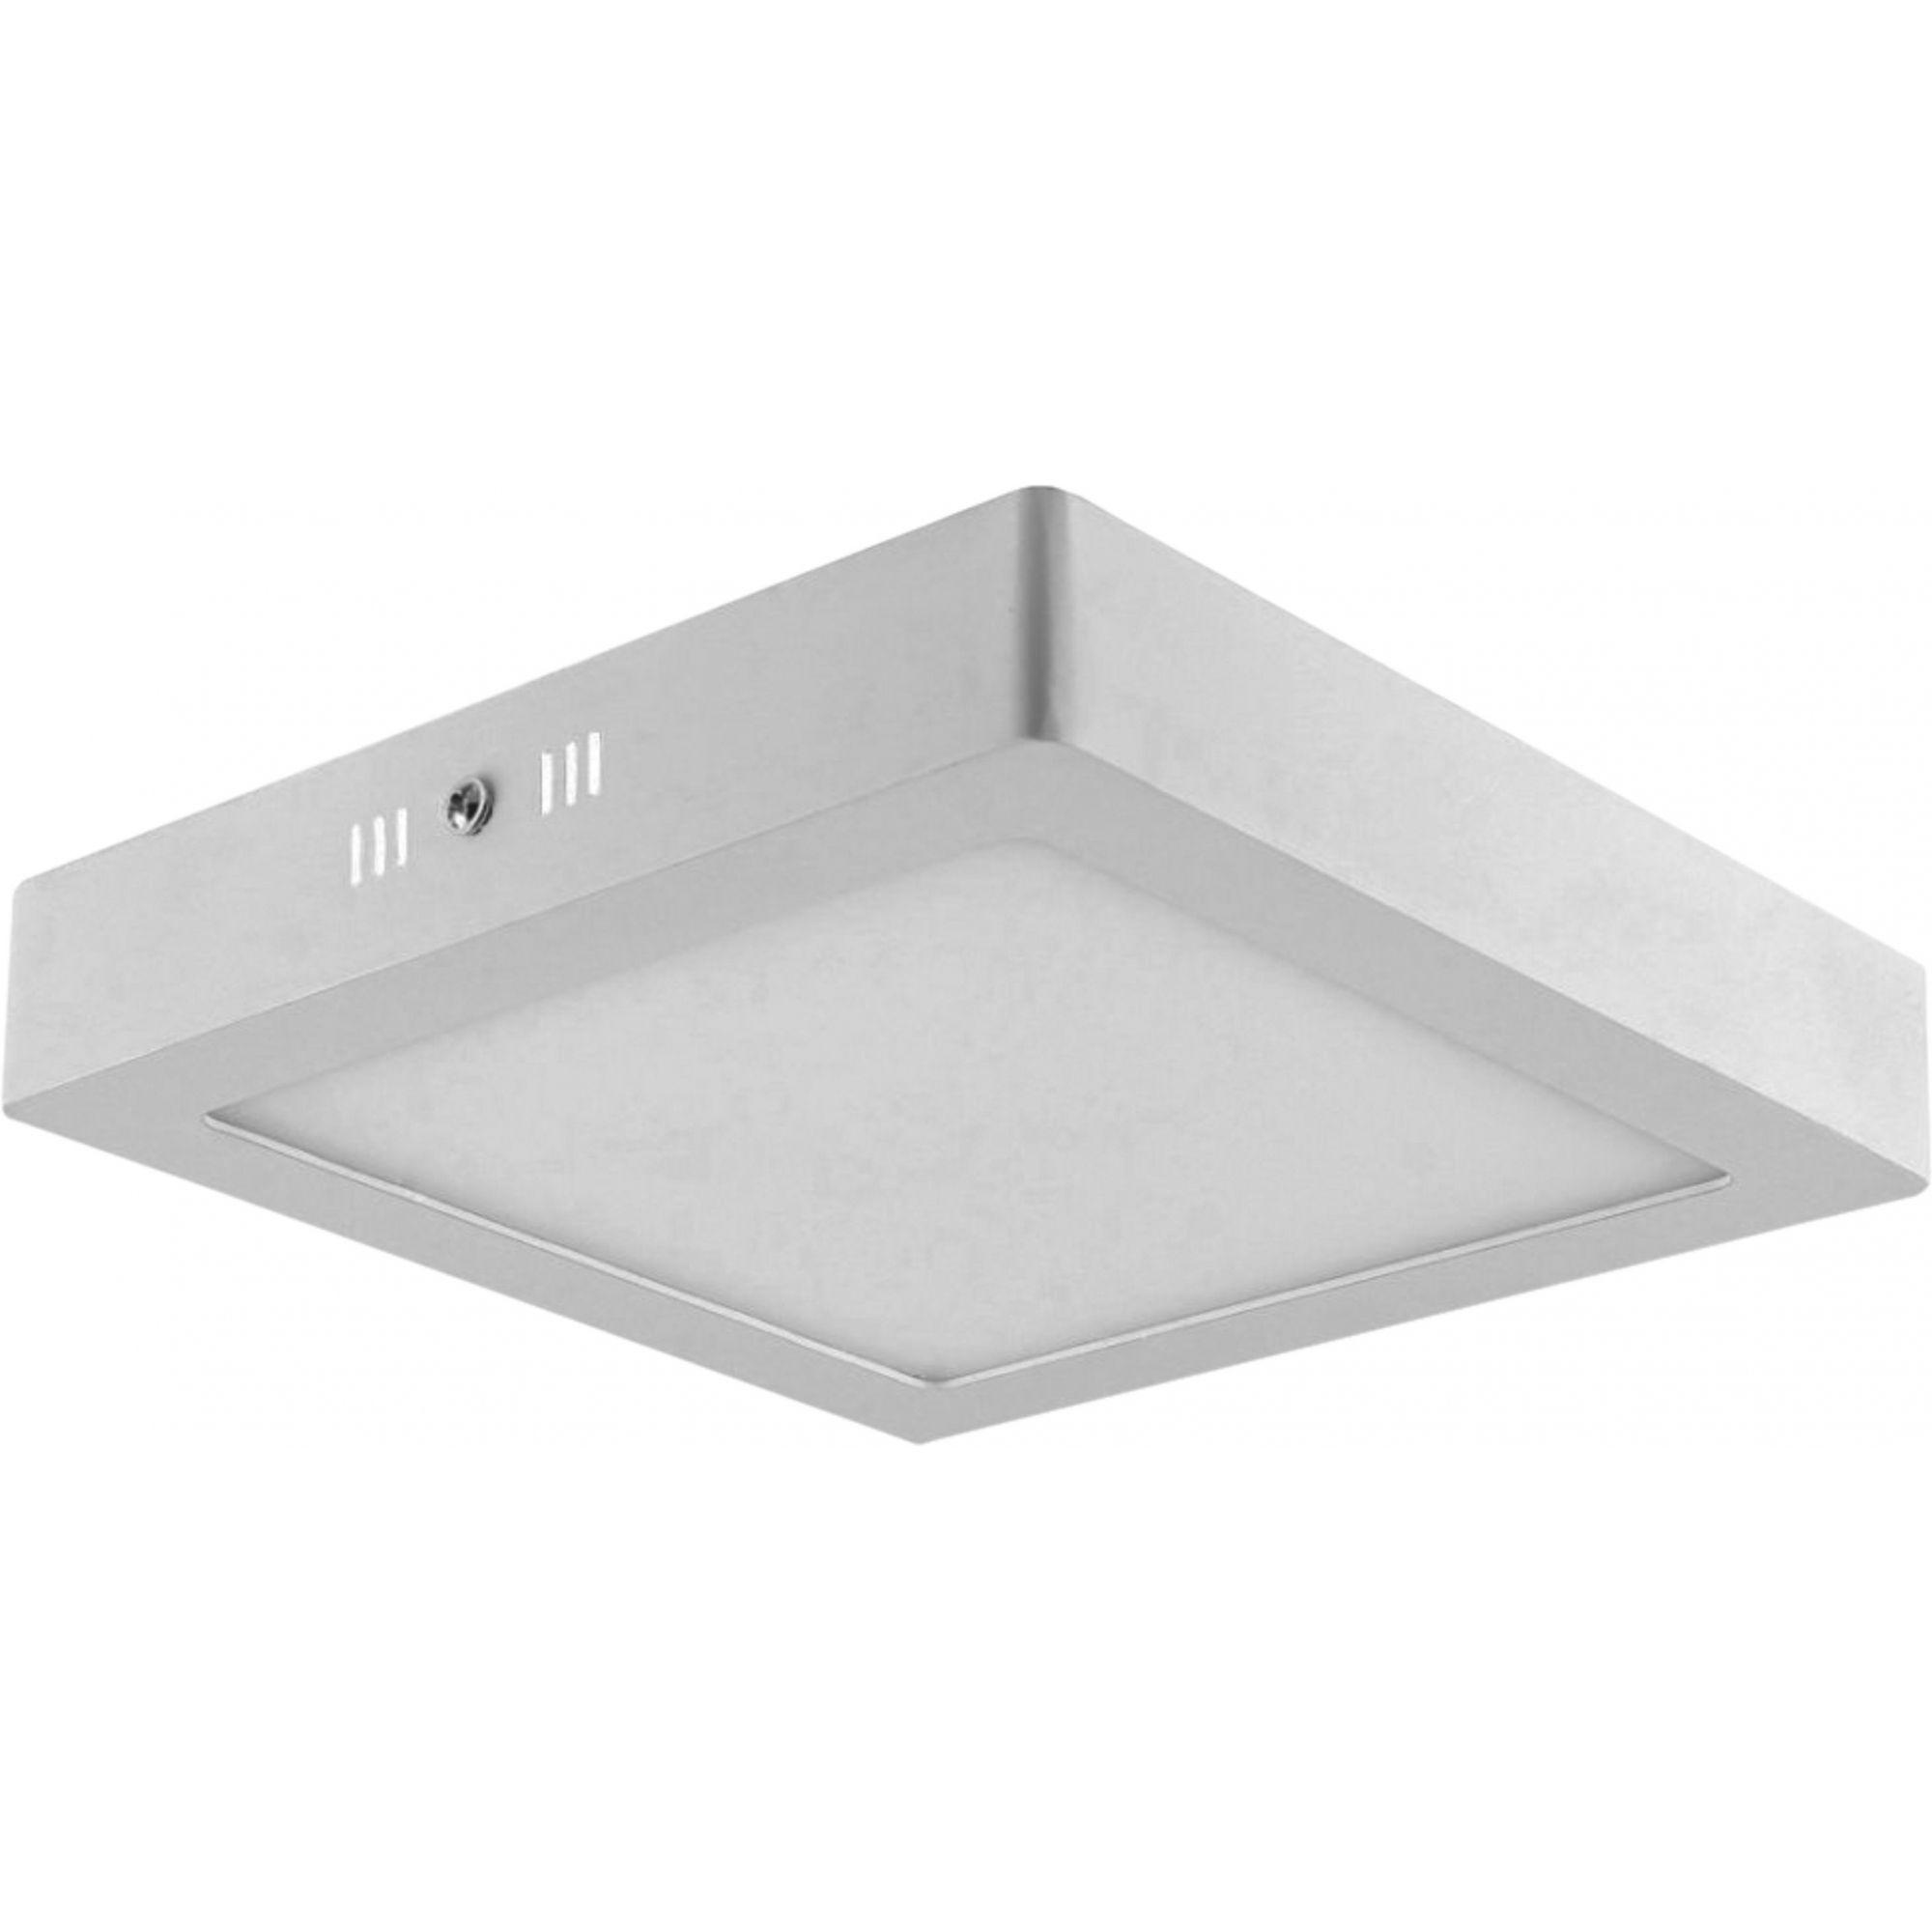 Painel LED Sobrepor Dimerizável 25W 30X30CM Quadrado 110V  - Branco Quente 3000K